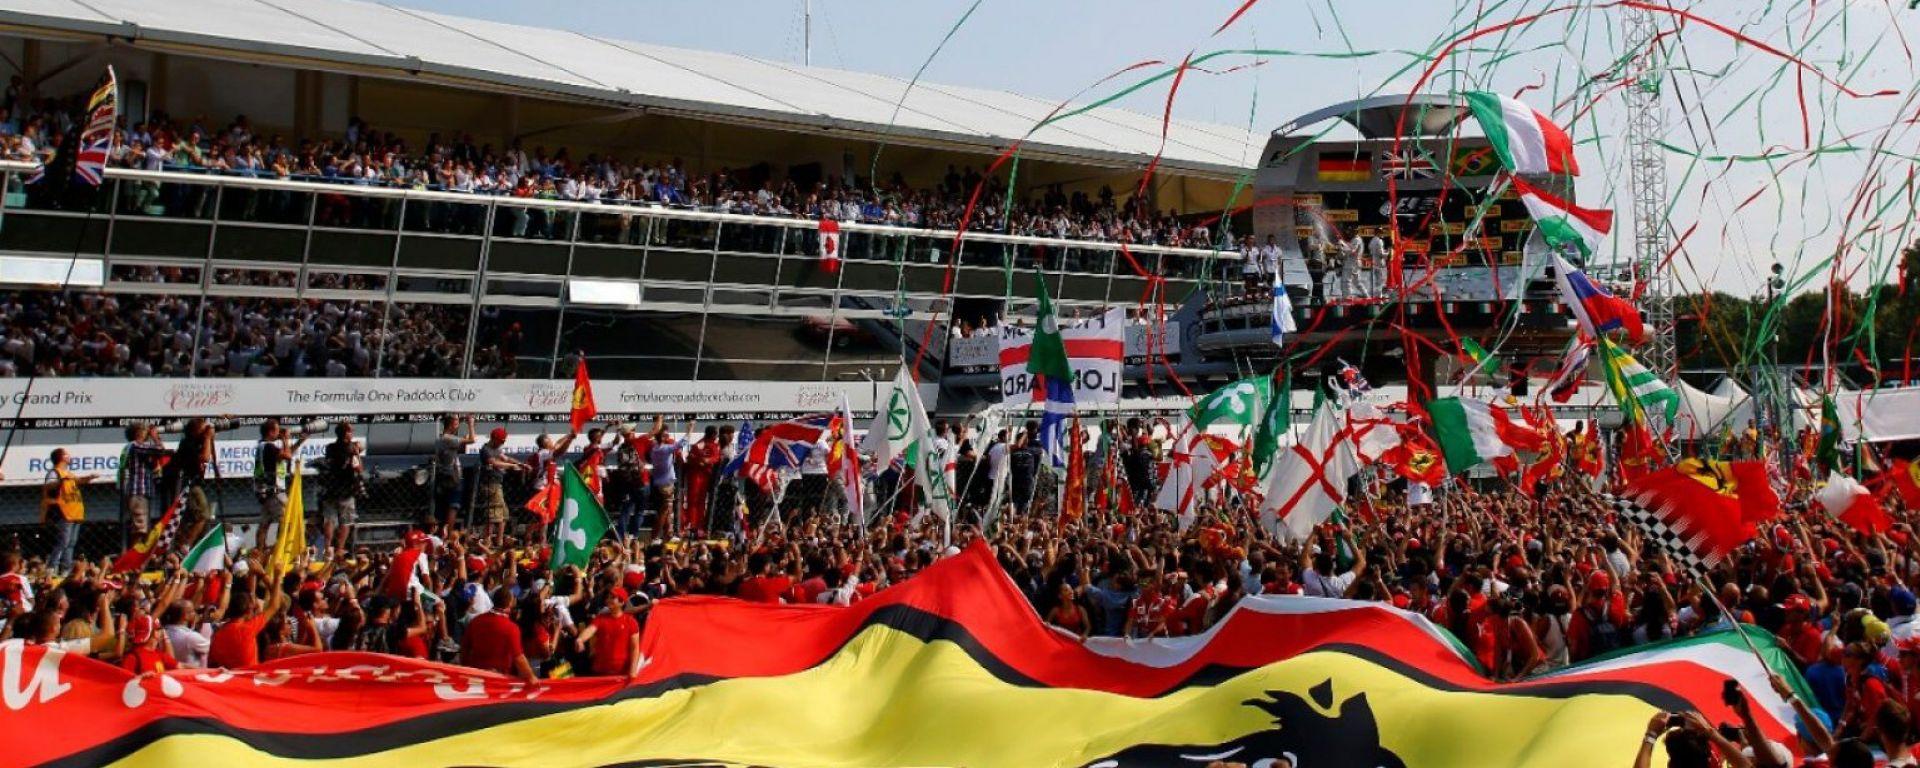 Calendario Monza.F1 News F1 Gp Italia E Ufficiale Monza Fuori Dal